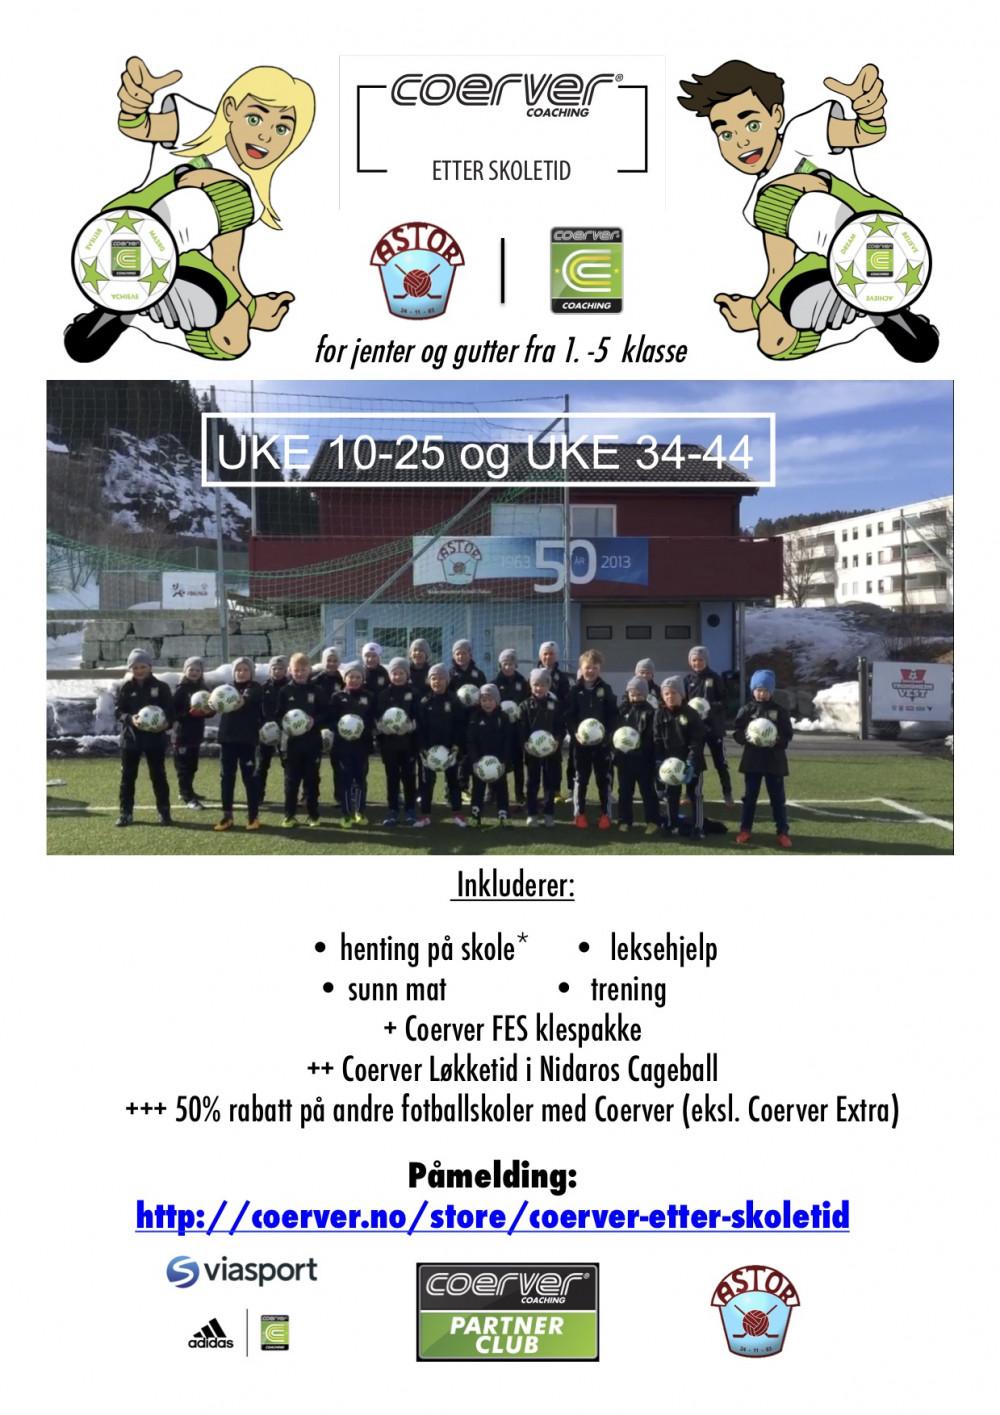 Coerver - Astor FK FES (uke 10-25 & 34-44)